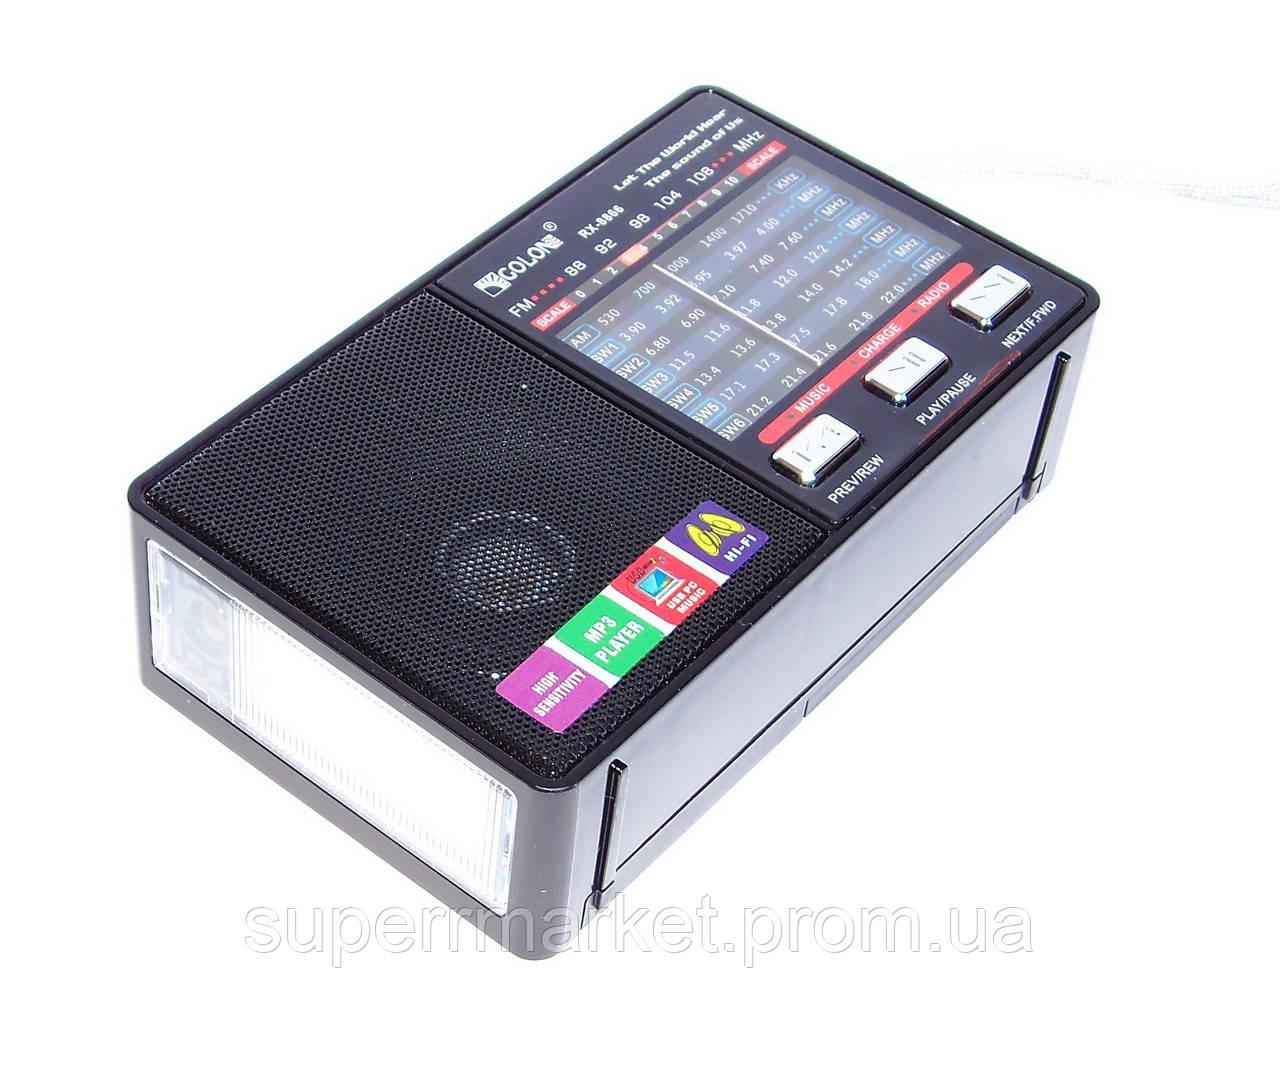 Радио Golon RX-8866  8868  FM AM SW  MP3 + фонарик, черная